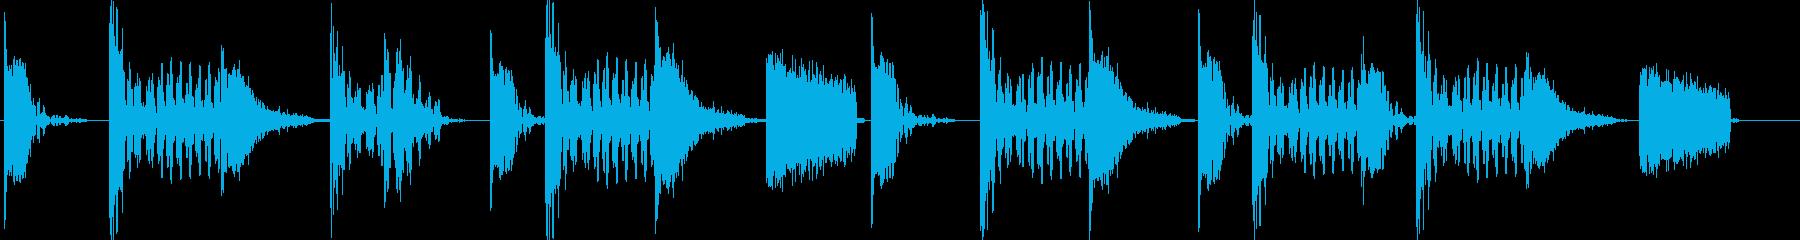 シンプルなドラムとベースのジングルの再生済みの波形